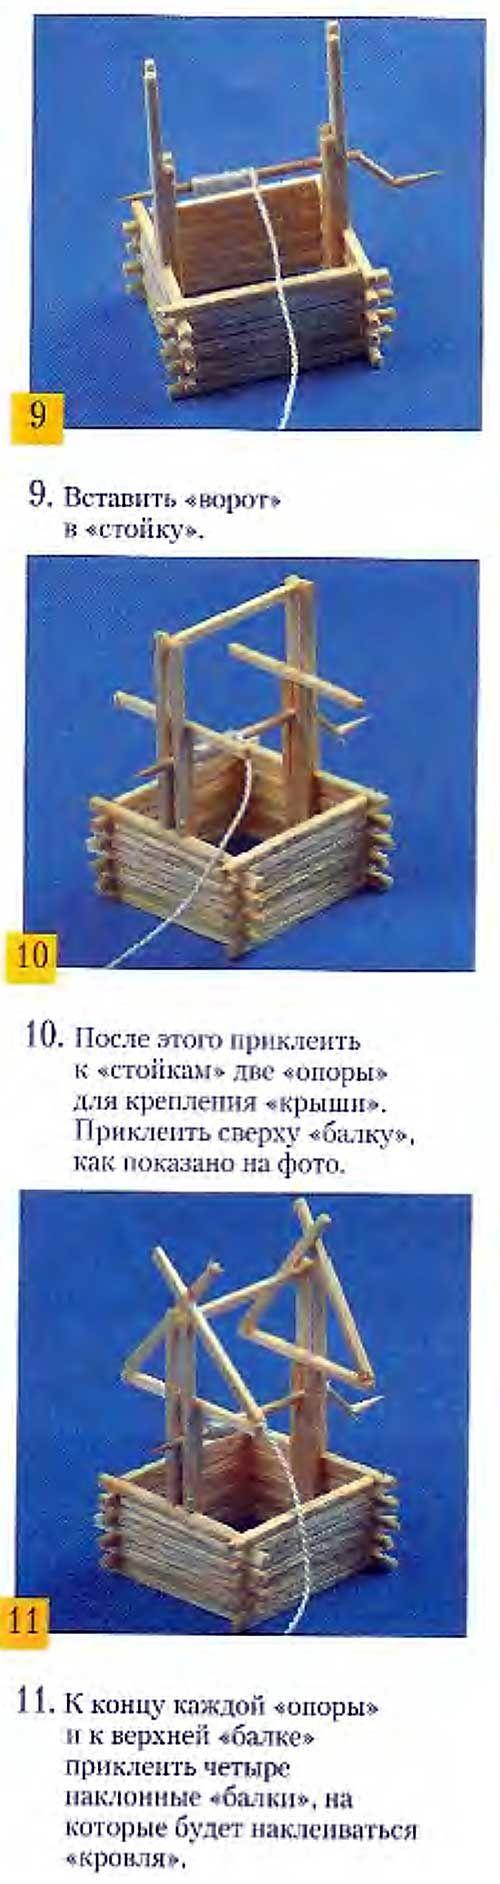 инструкция по сборки эйфелевой башни из спичек